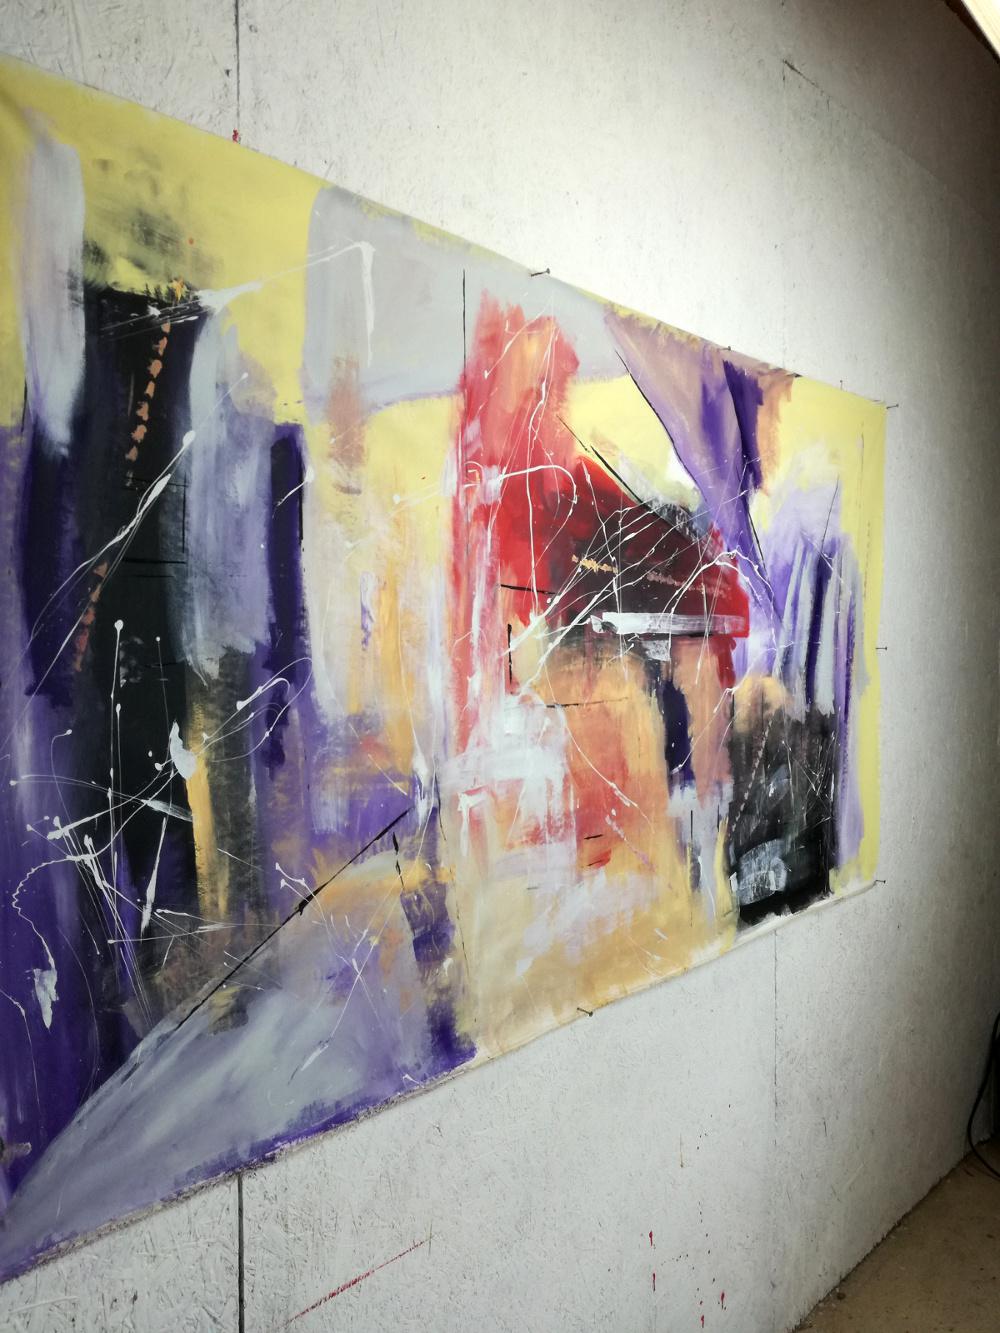 quadri astratti b33dx - dipinti moderni grandi dimensioni 180x90 fatto a mano